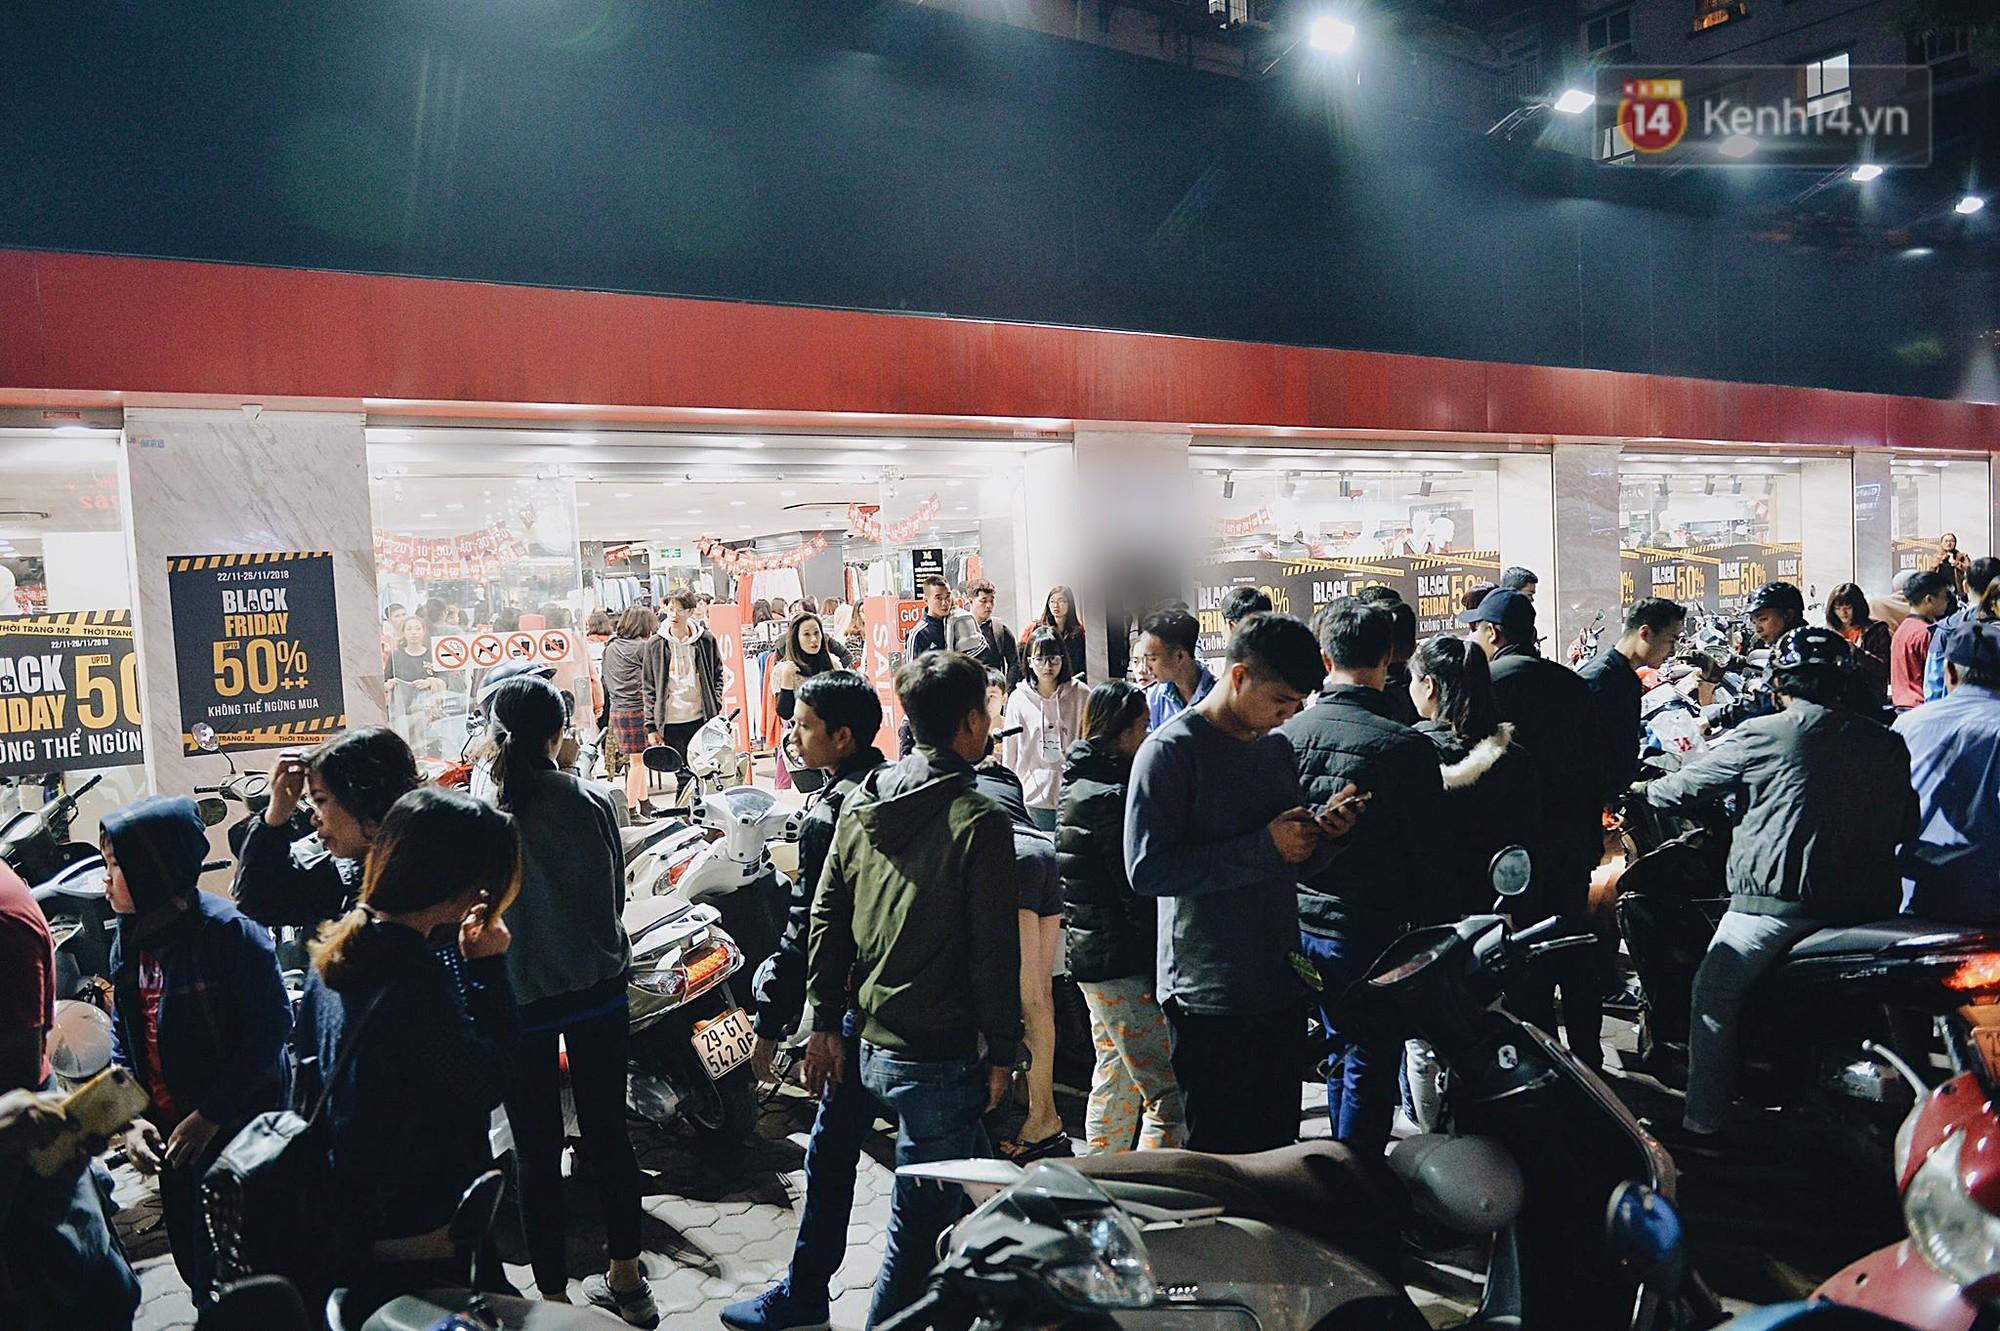 Tối ngày Black Friday ở Hà Nội: Đường phố tắc nghẽn vì bão sale chưa hạ nhiệt - Ảnh 4.